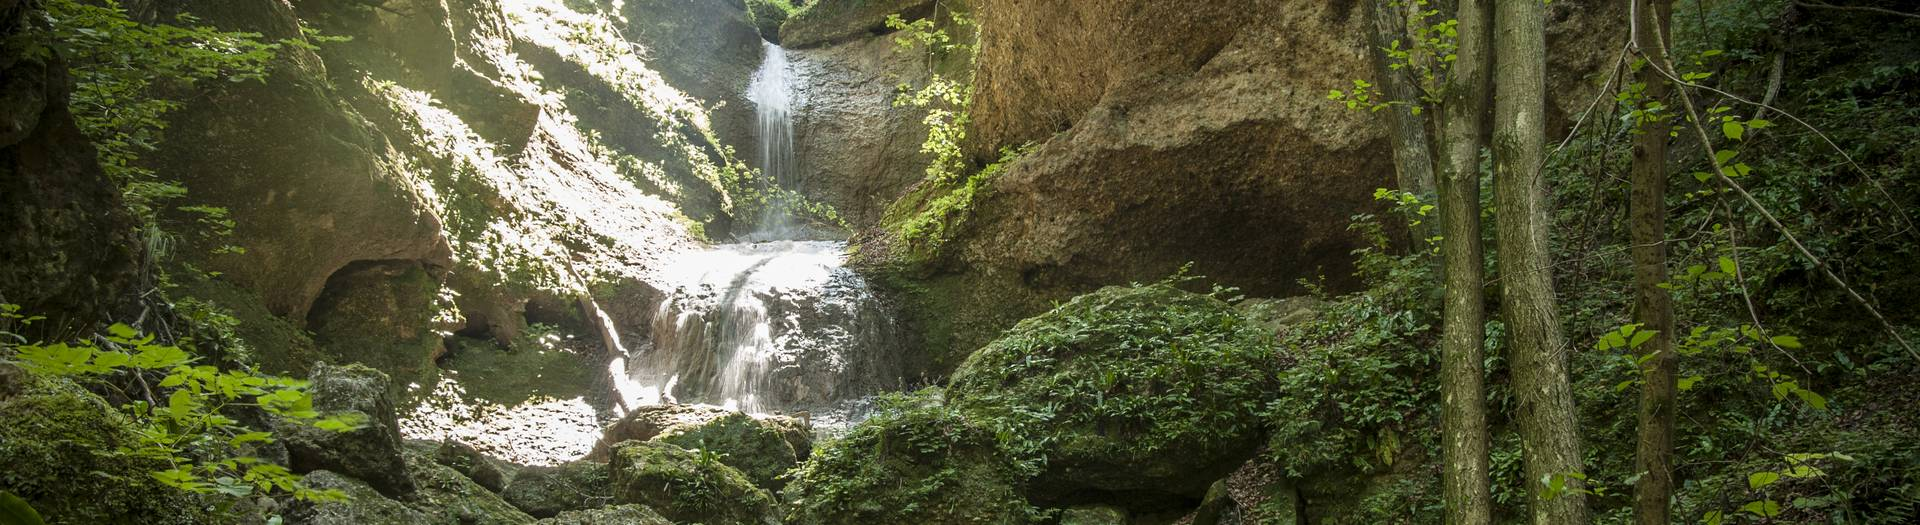 Wasserfall in Ebenthal bei Klagenfurt am Wörthersee